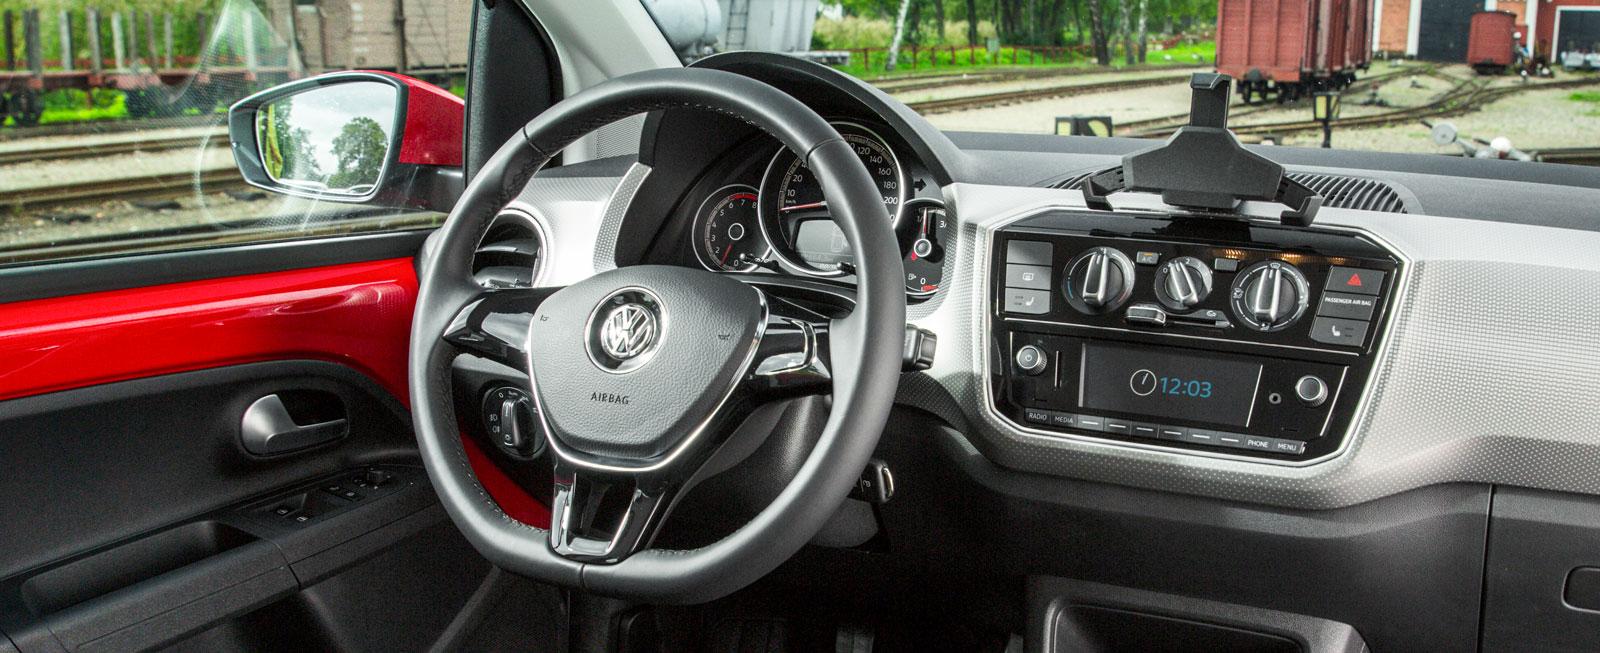 VW:s förarmiljö är tyskt funktionell och upplevs som luftigare än konkurrenternas. Manicken högst uppe på panelen är ett fäste för mobiltelefonen.